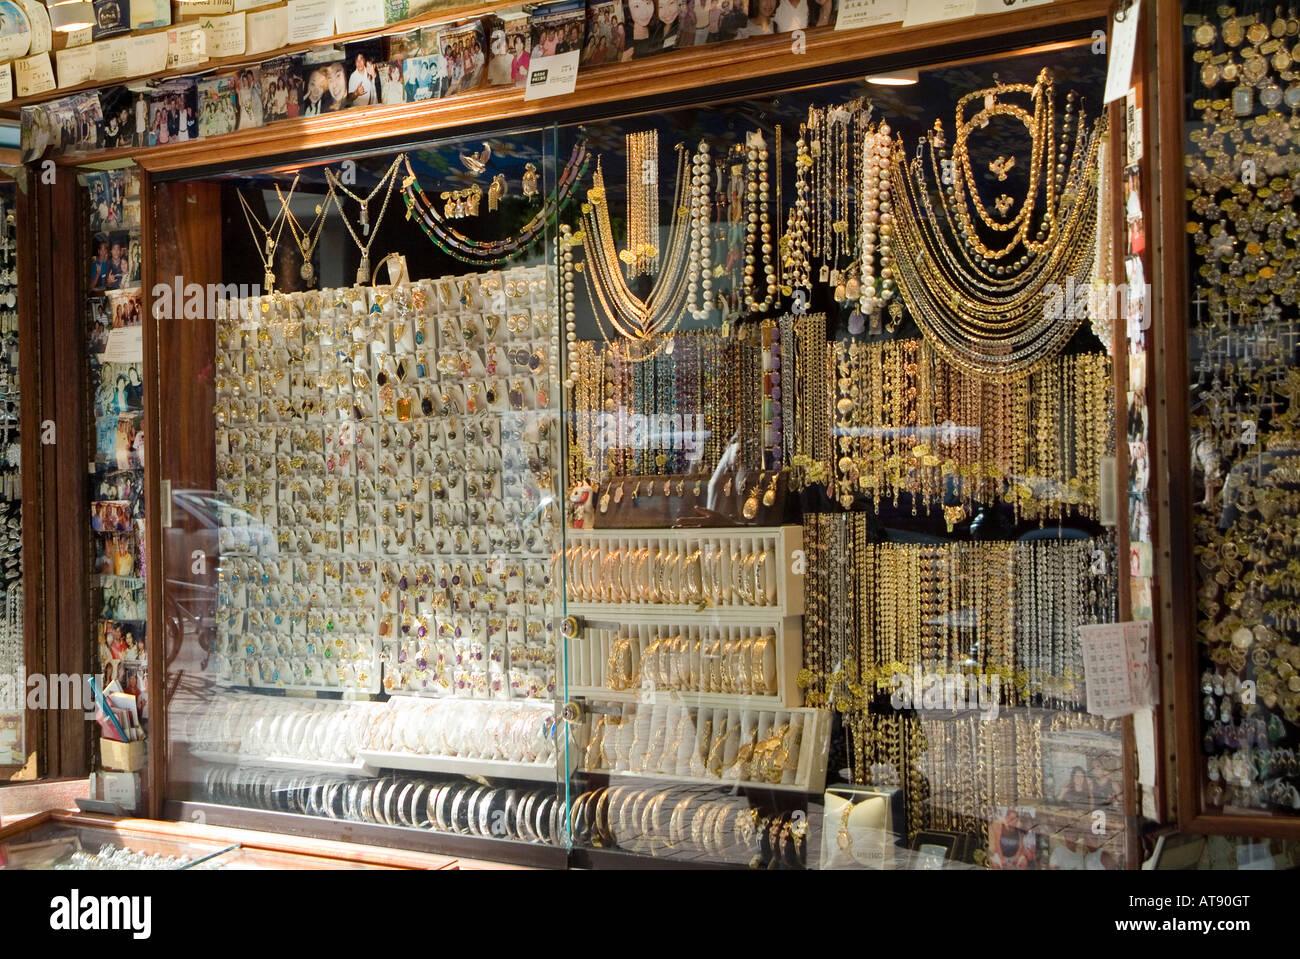 Una joyería de calar en el mercado internacional en Waikiki. Foto de stock